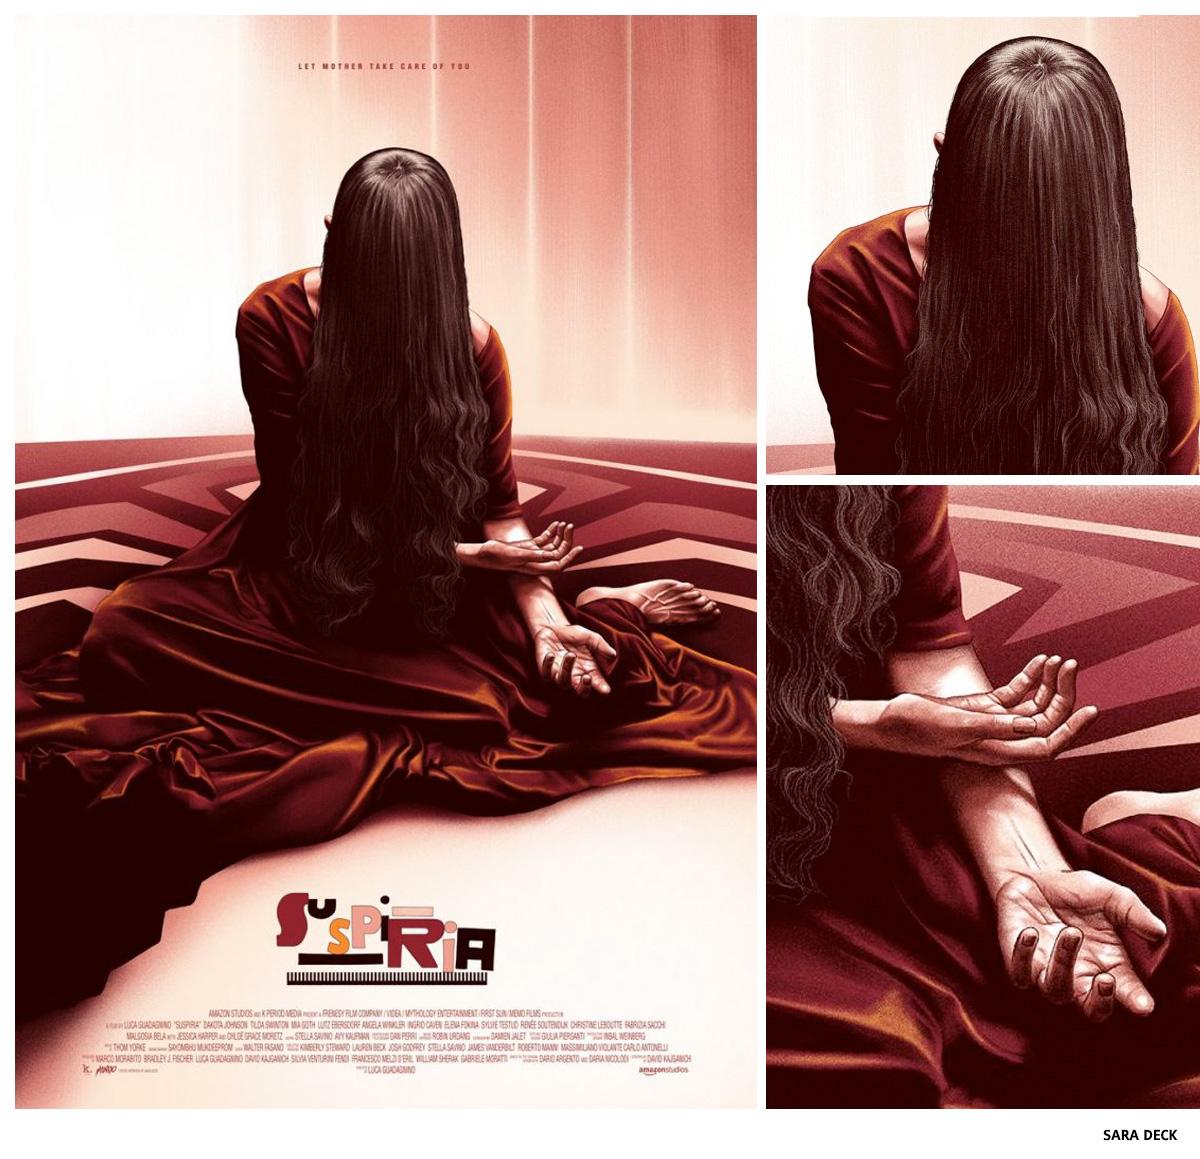 Suspiria par Sara Deck sérigraphie affiche